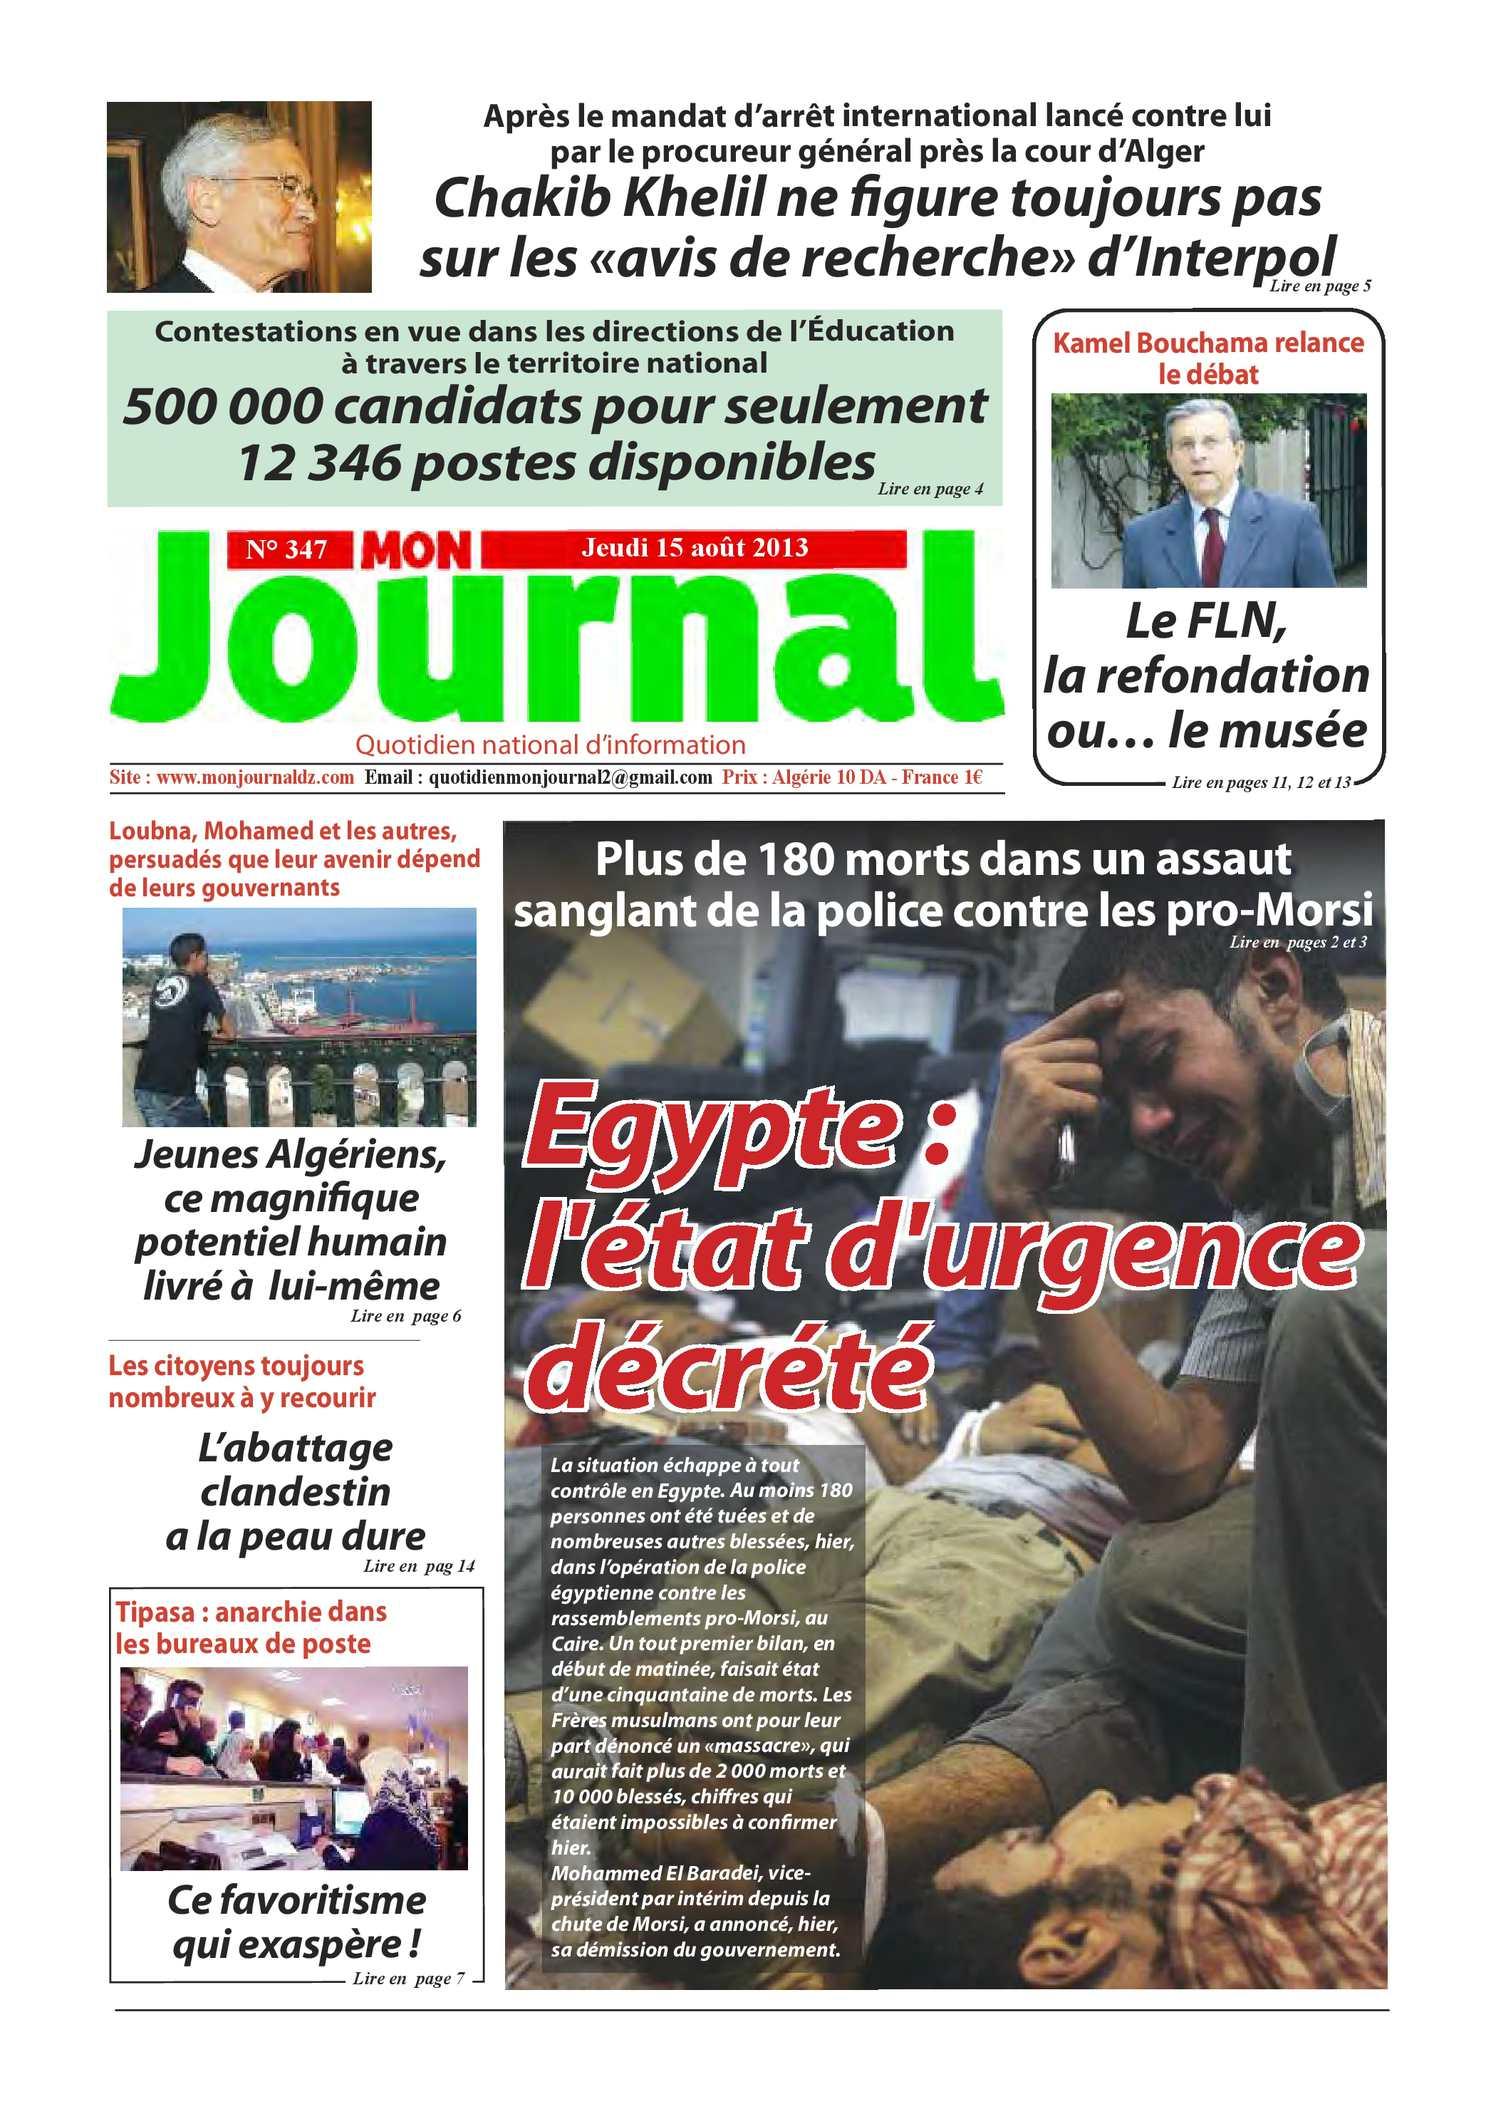 Mon Journal du 15.08.2013